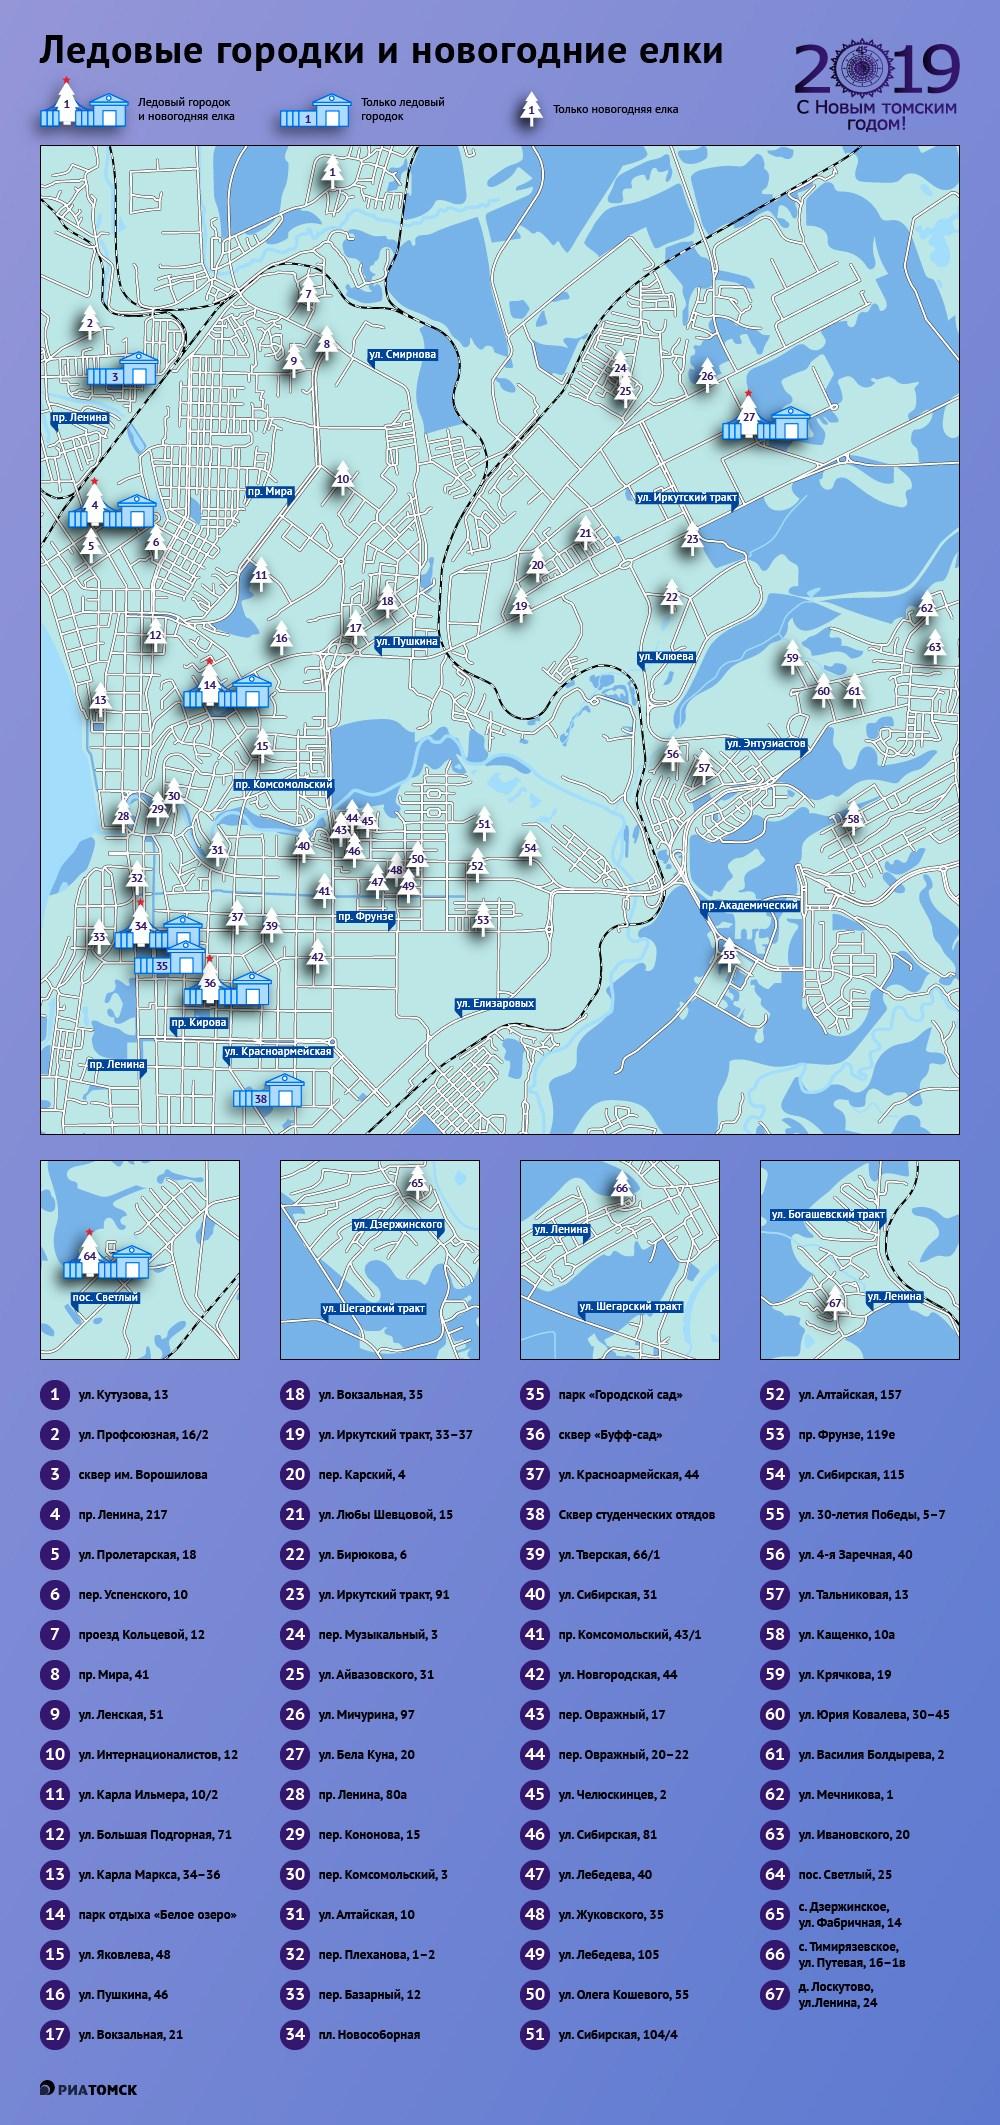 Более 60 новогодних елей и восемь ледовых городков украсят Томск в преддверии Нового 2019 года. Где они расположатся – в инфографике РИА Томск.